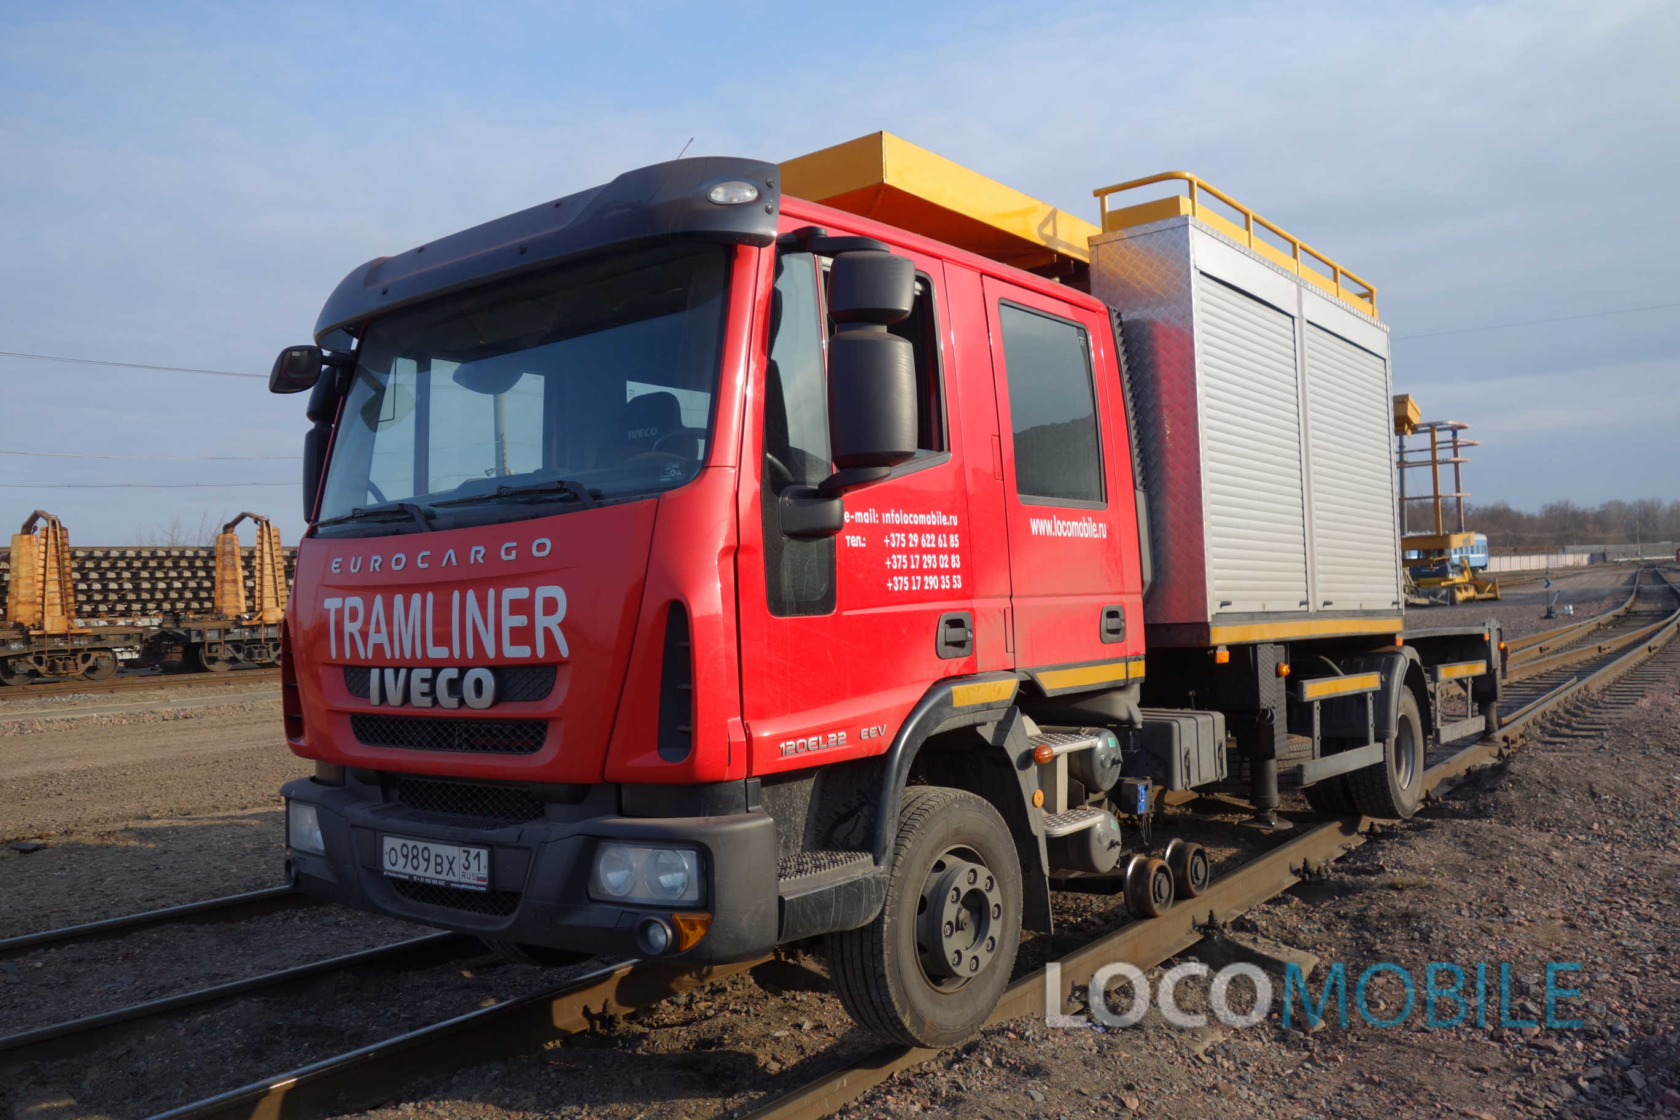 ТРАМЛИНЕР автогидроподъемник для трамвайных путей и контактной сети железных дорог